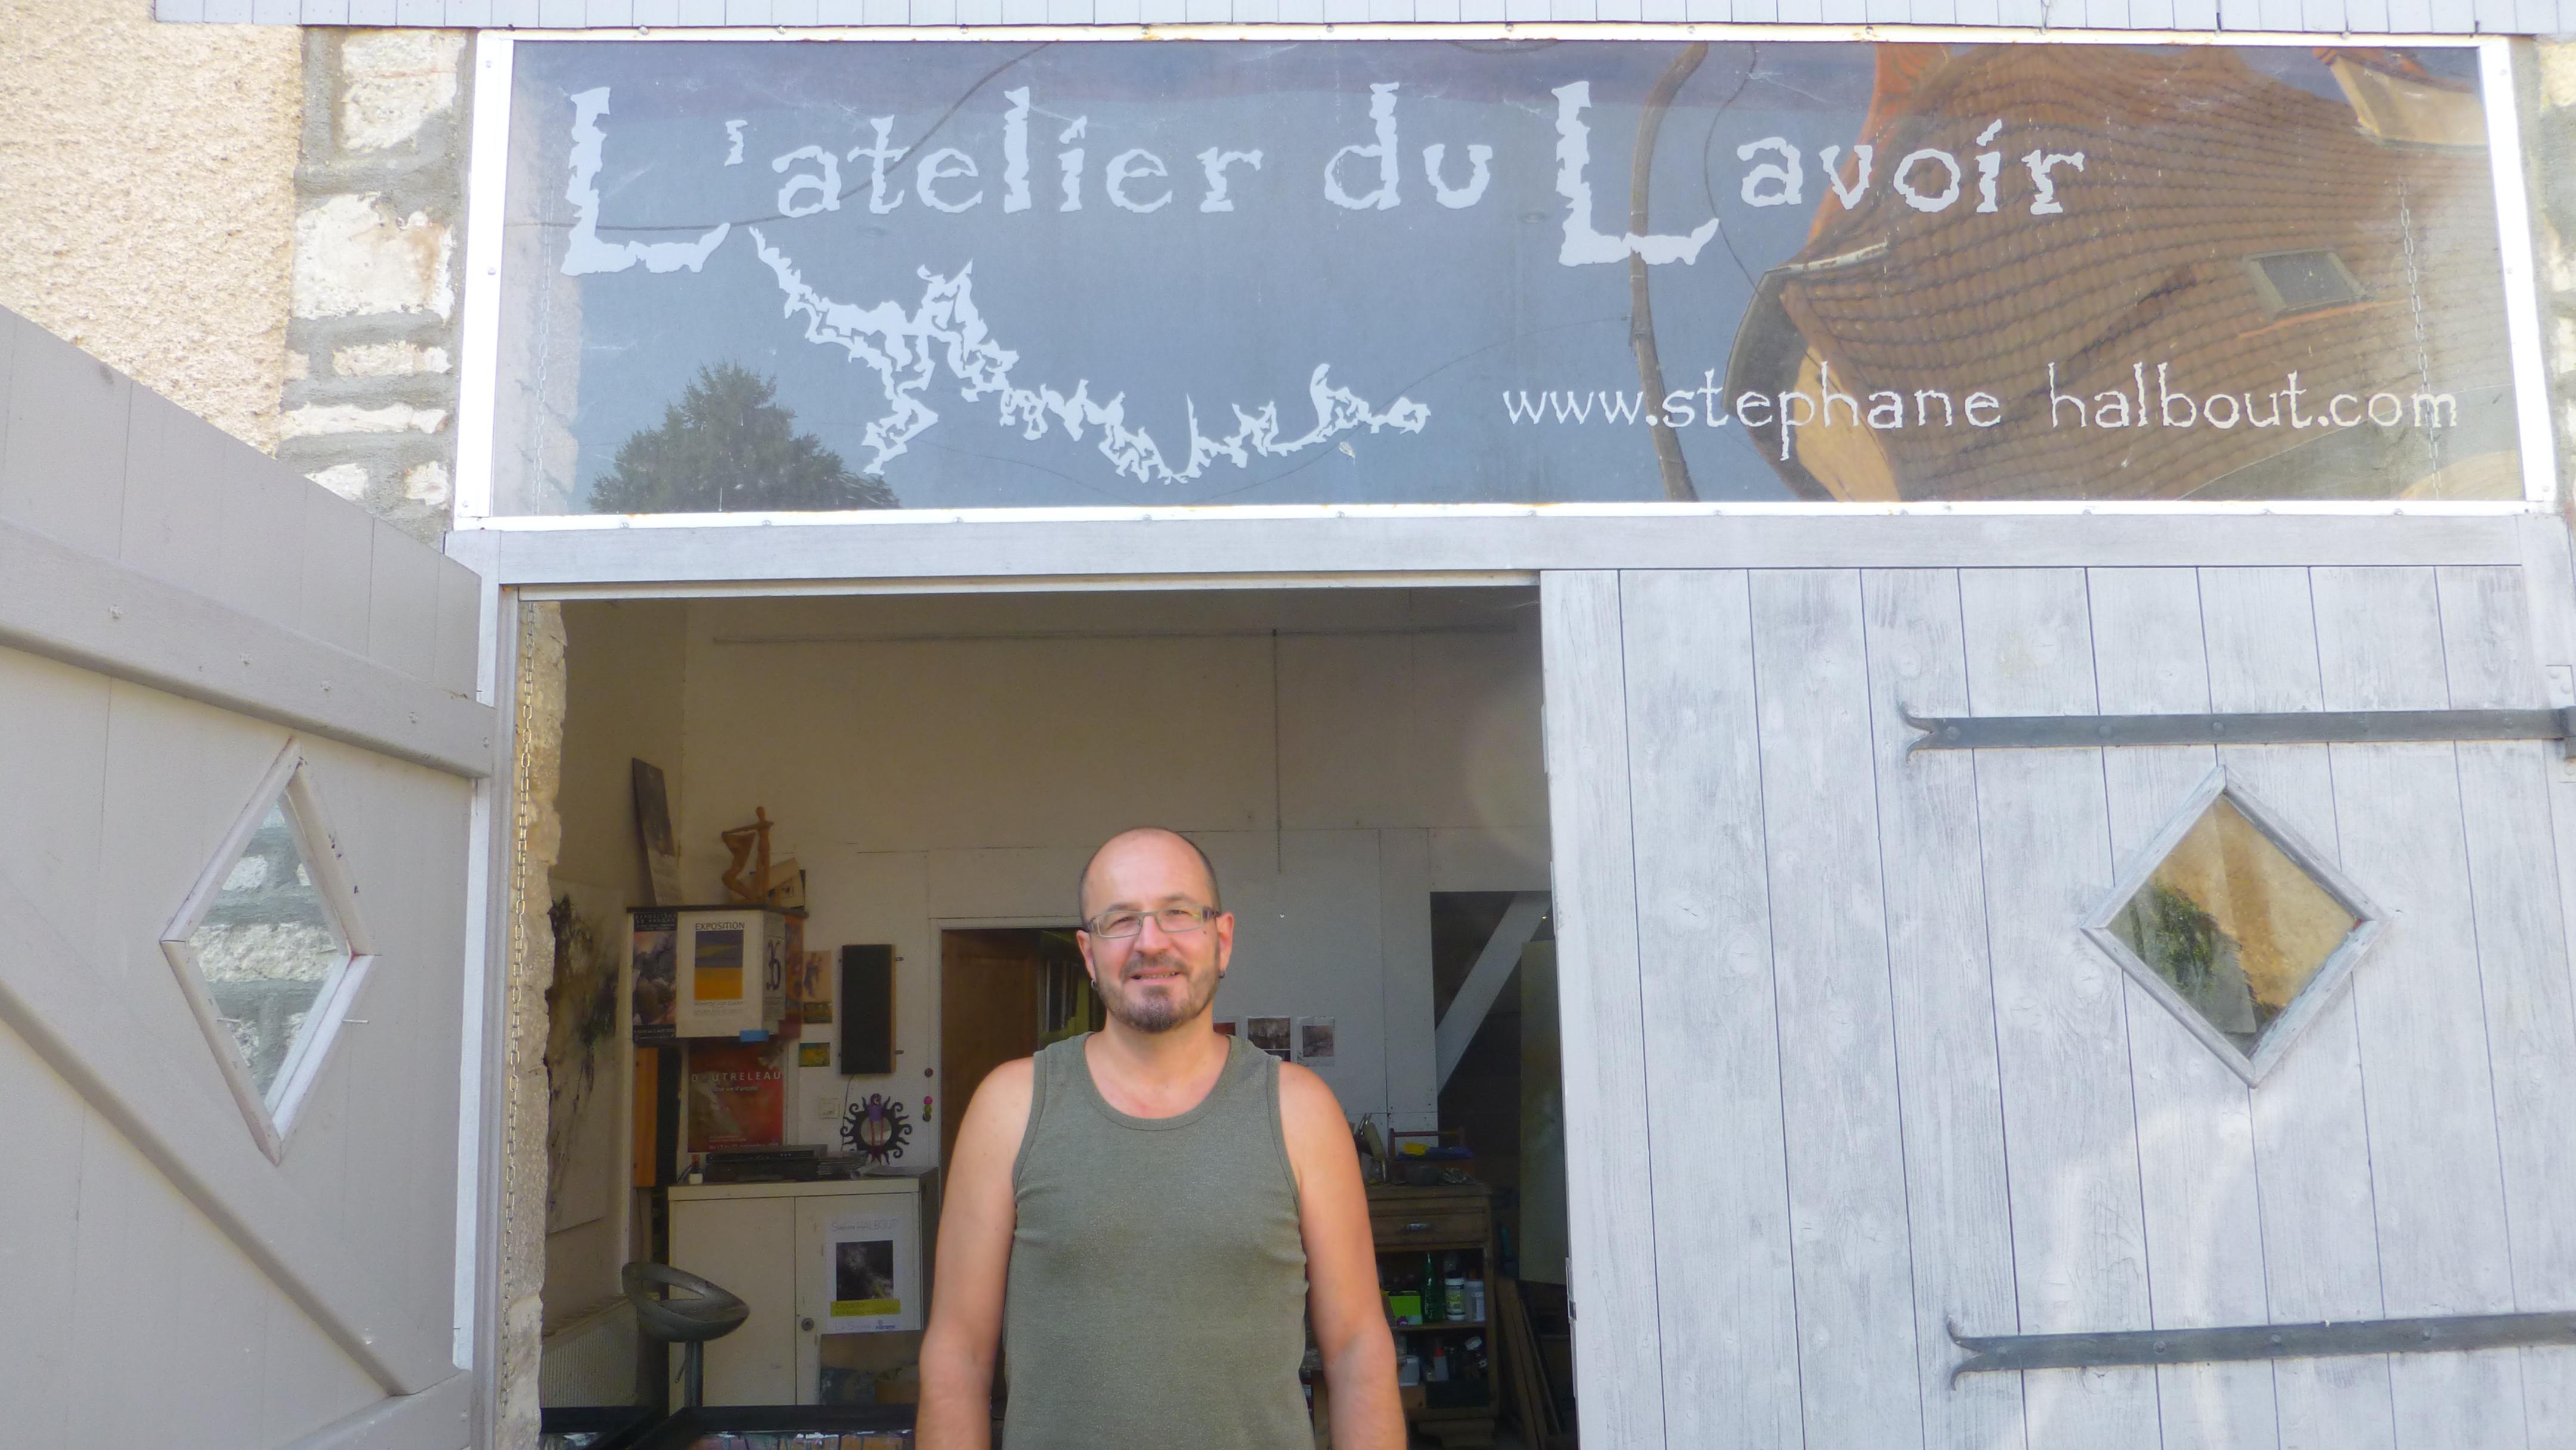 L' Atelier du Lavoir, 5 rue de l'école à Ougney